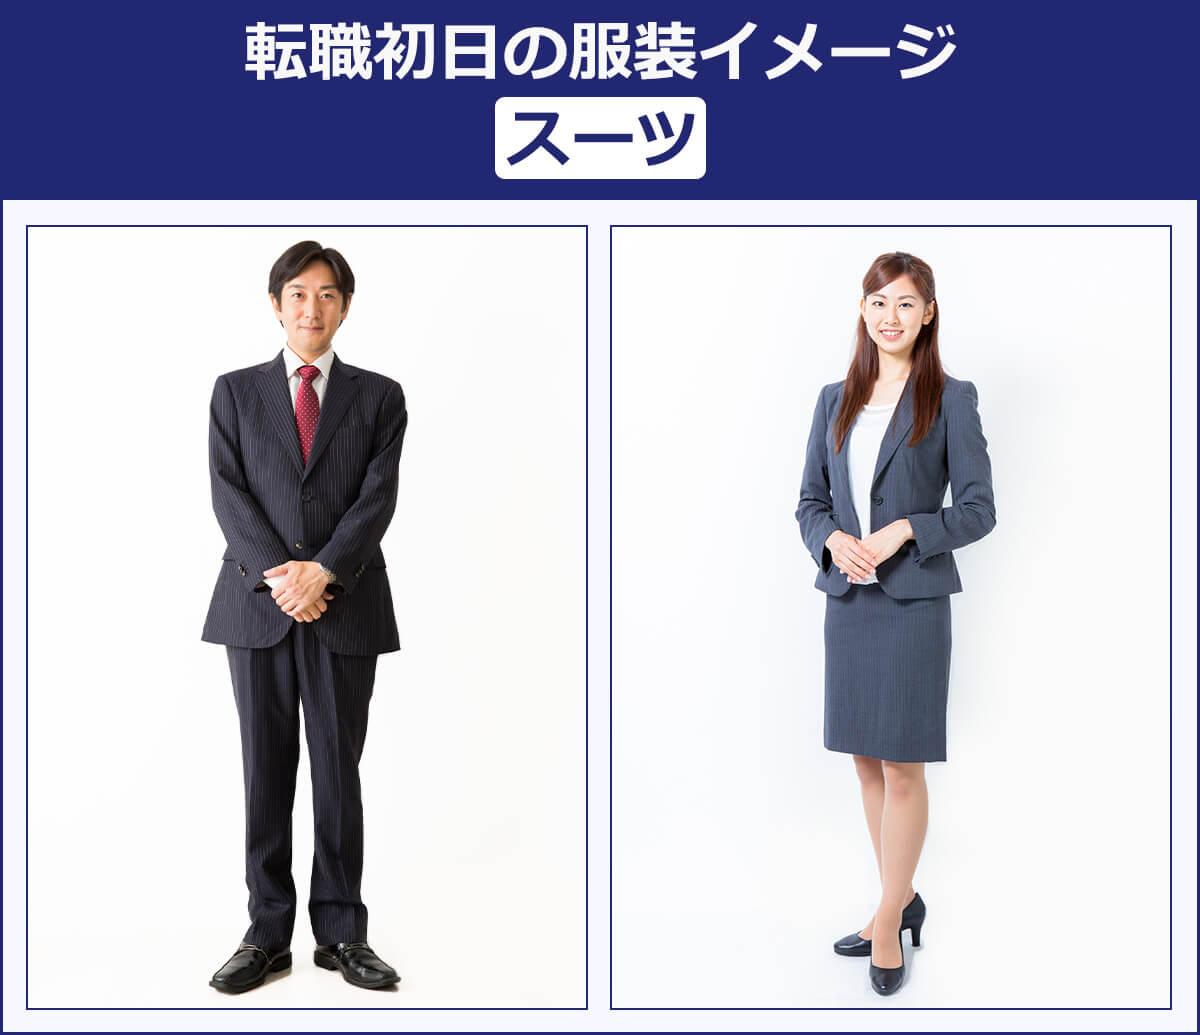 【中途採用を受ける際の服装の例(スーツ)】